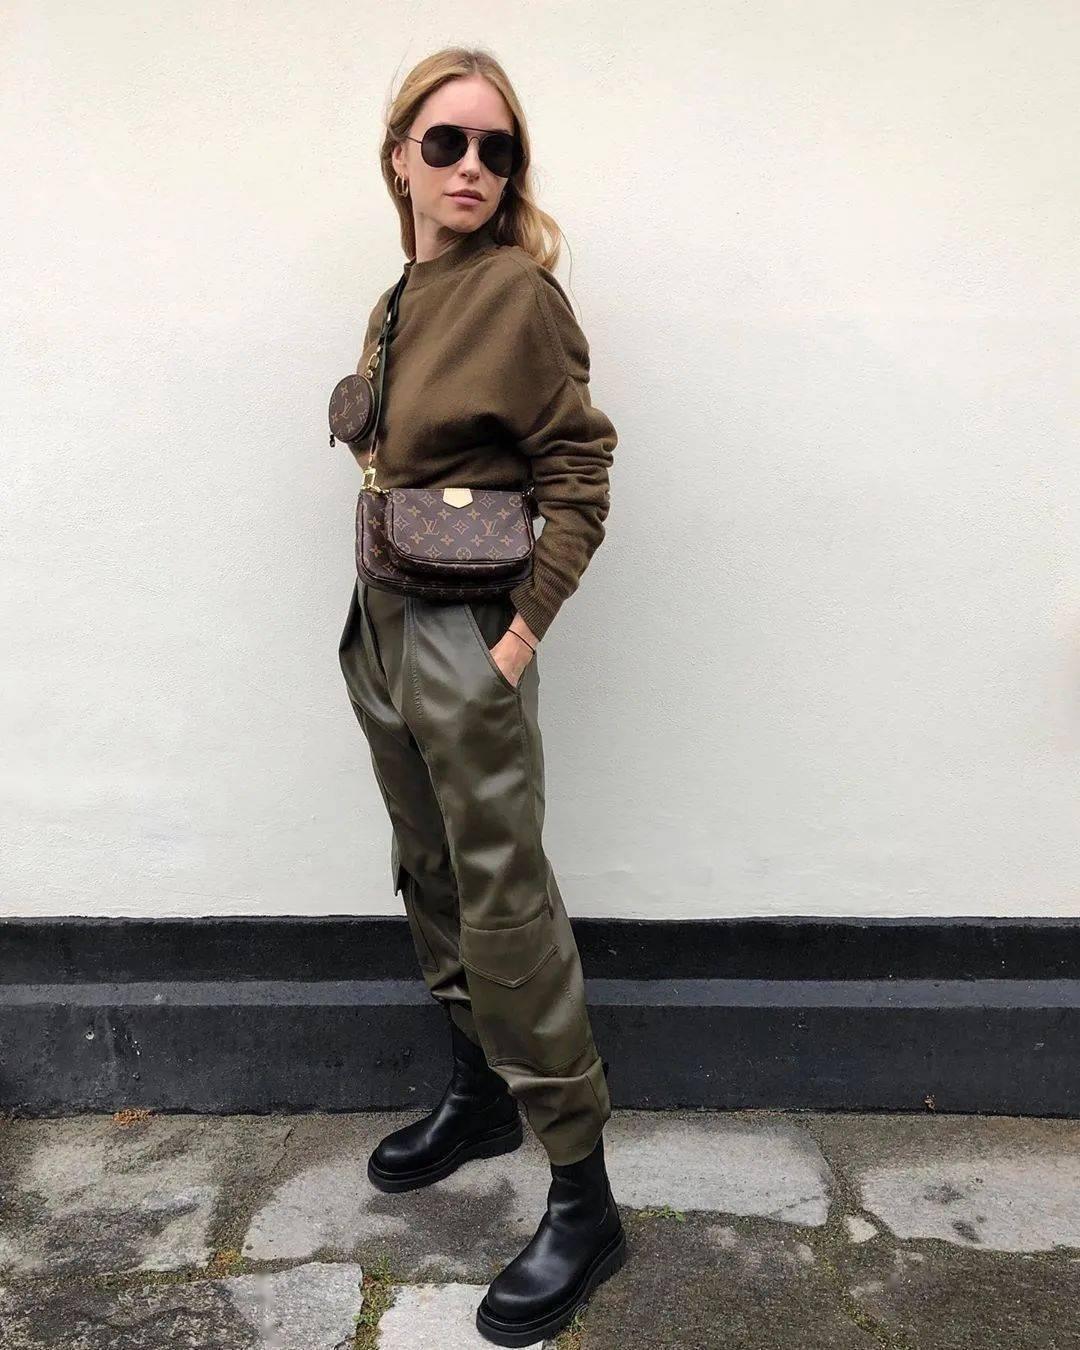 马丁靴+裙子,马丁靴+工装裤……又酷又撩,时髦炸了!     第30张